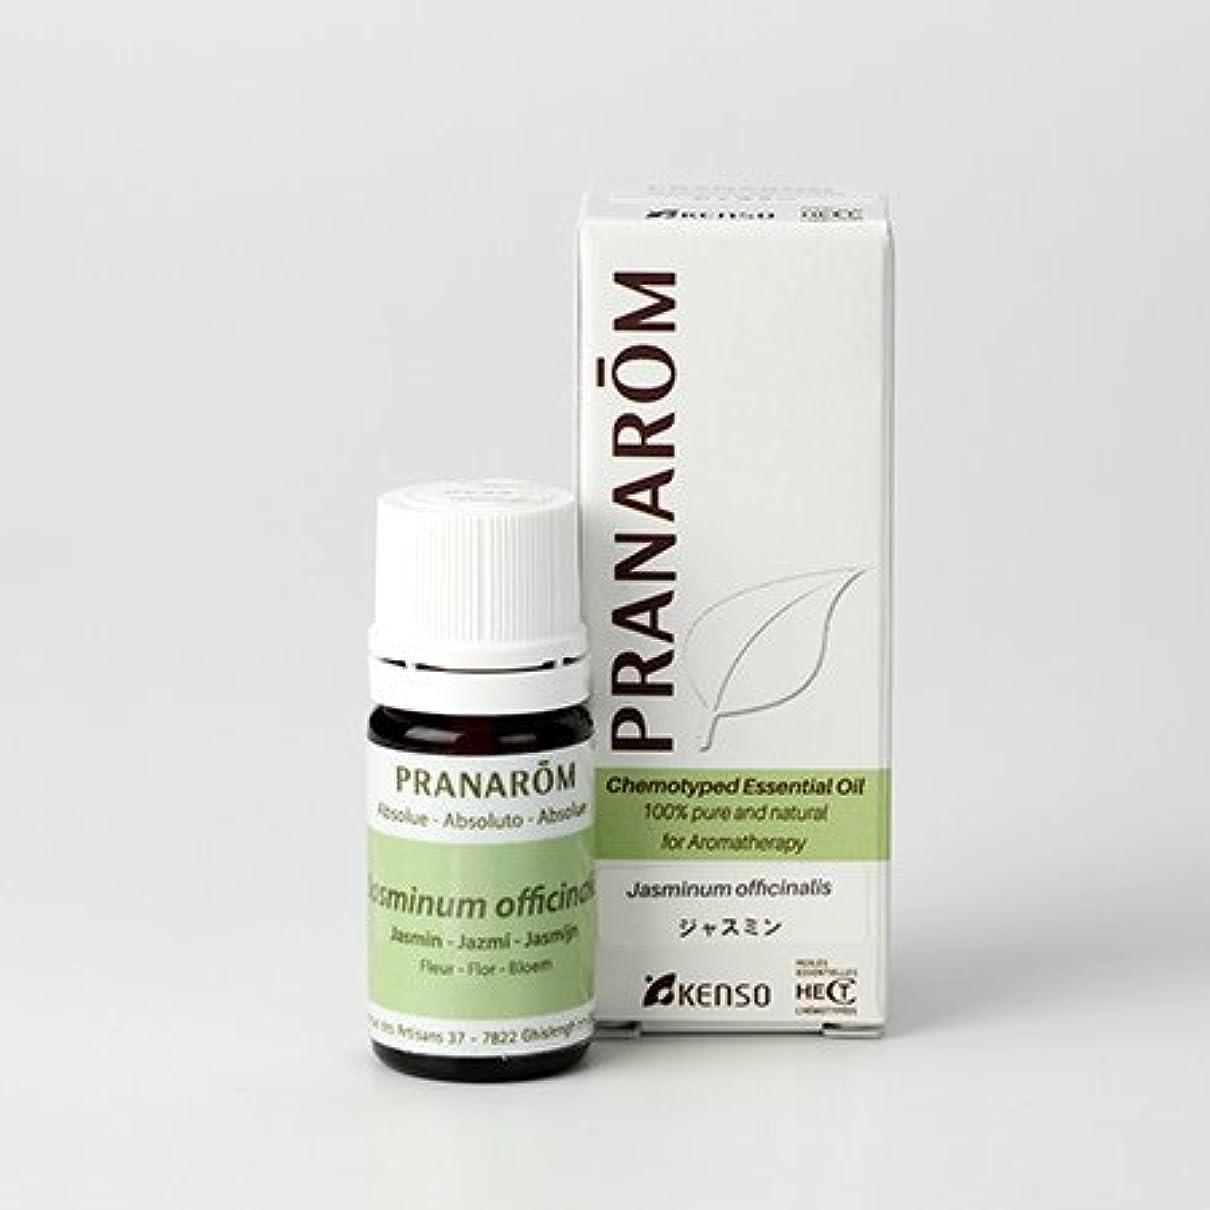 賃金略すクモプラナロム ジャスミンAbs. 5ml (PRANAROM ケモタイプ精油)